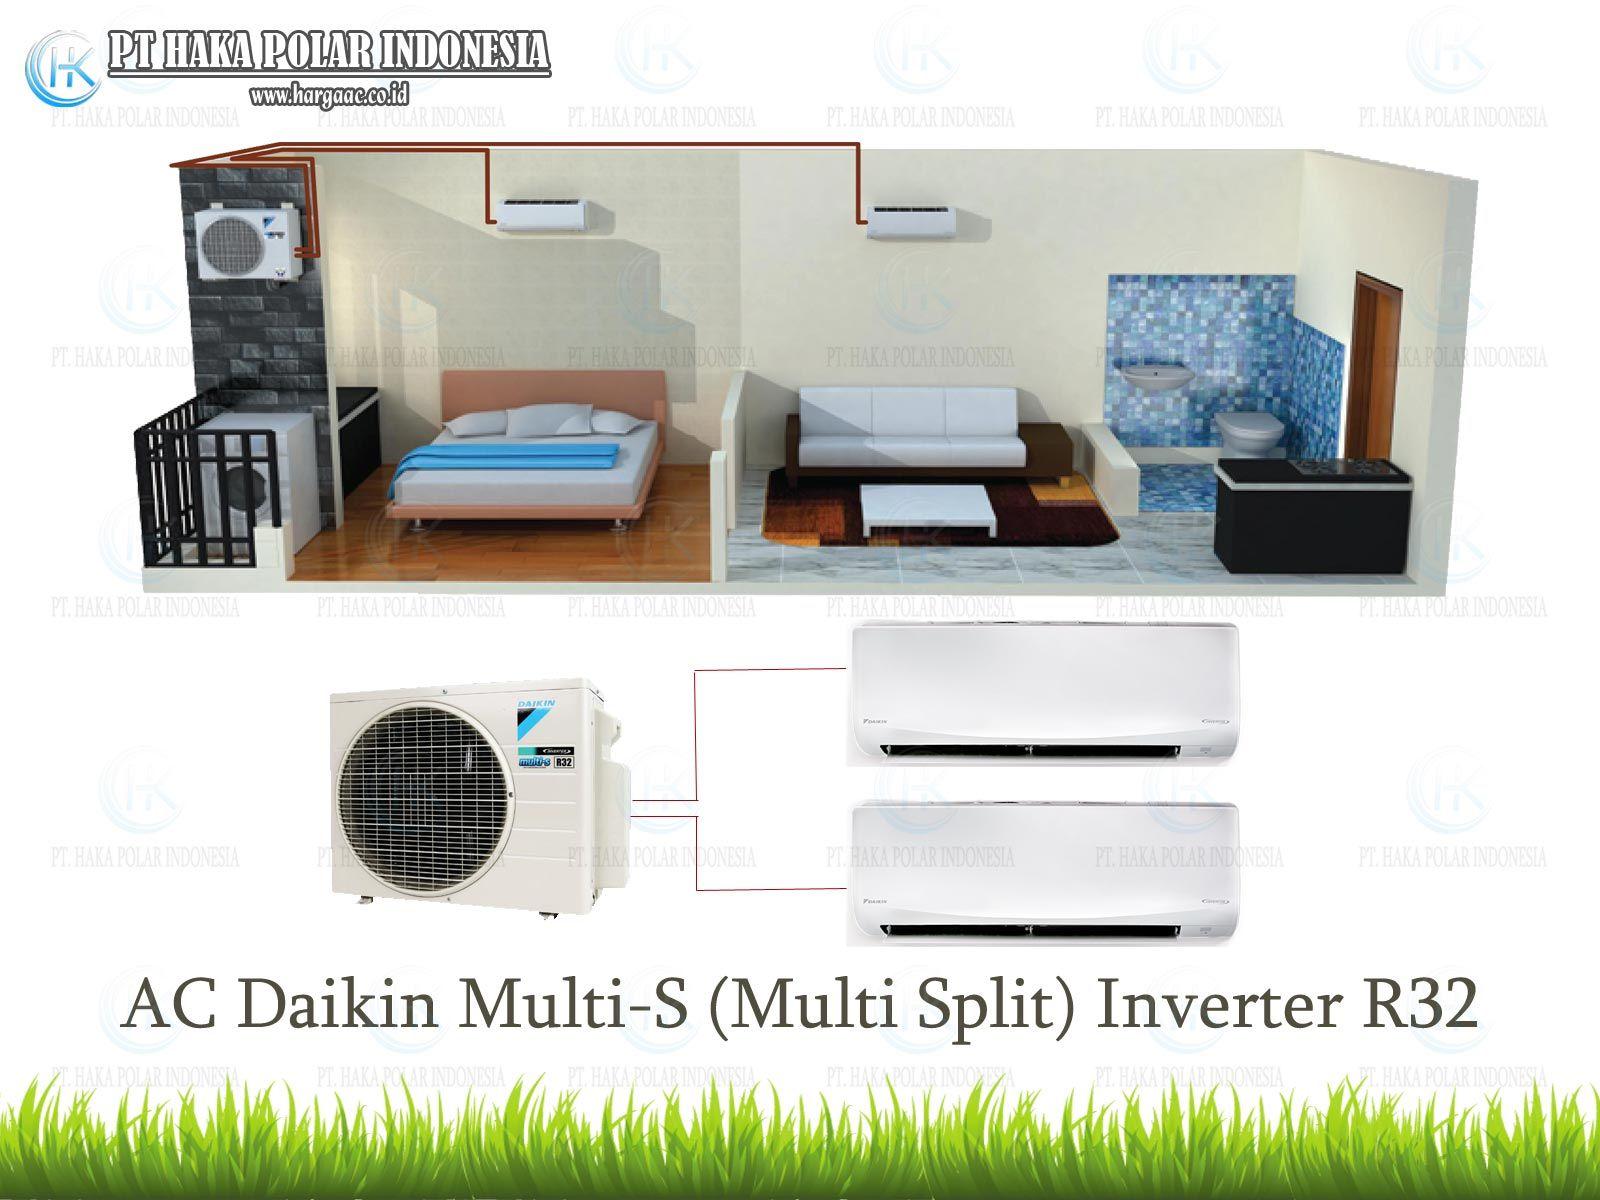 Jual Ac Daikin Multi S Multi Split Inverter Harga Murah Di Tangerang Rumah Apartemen Cocok